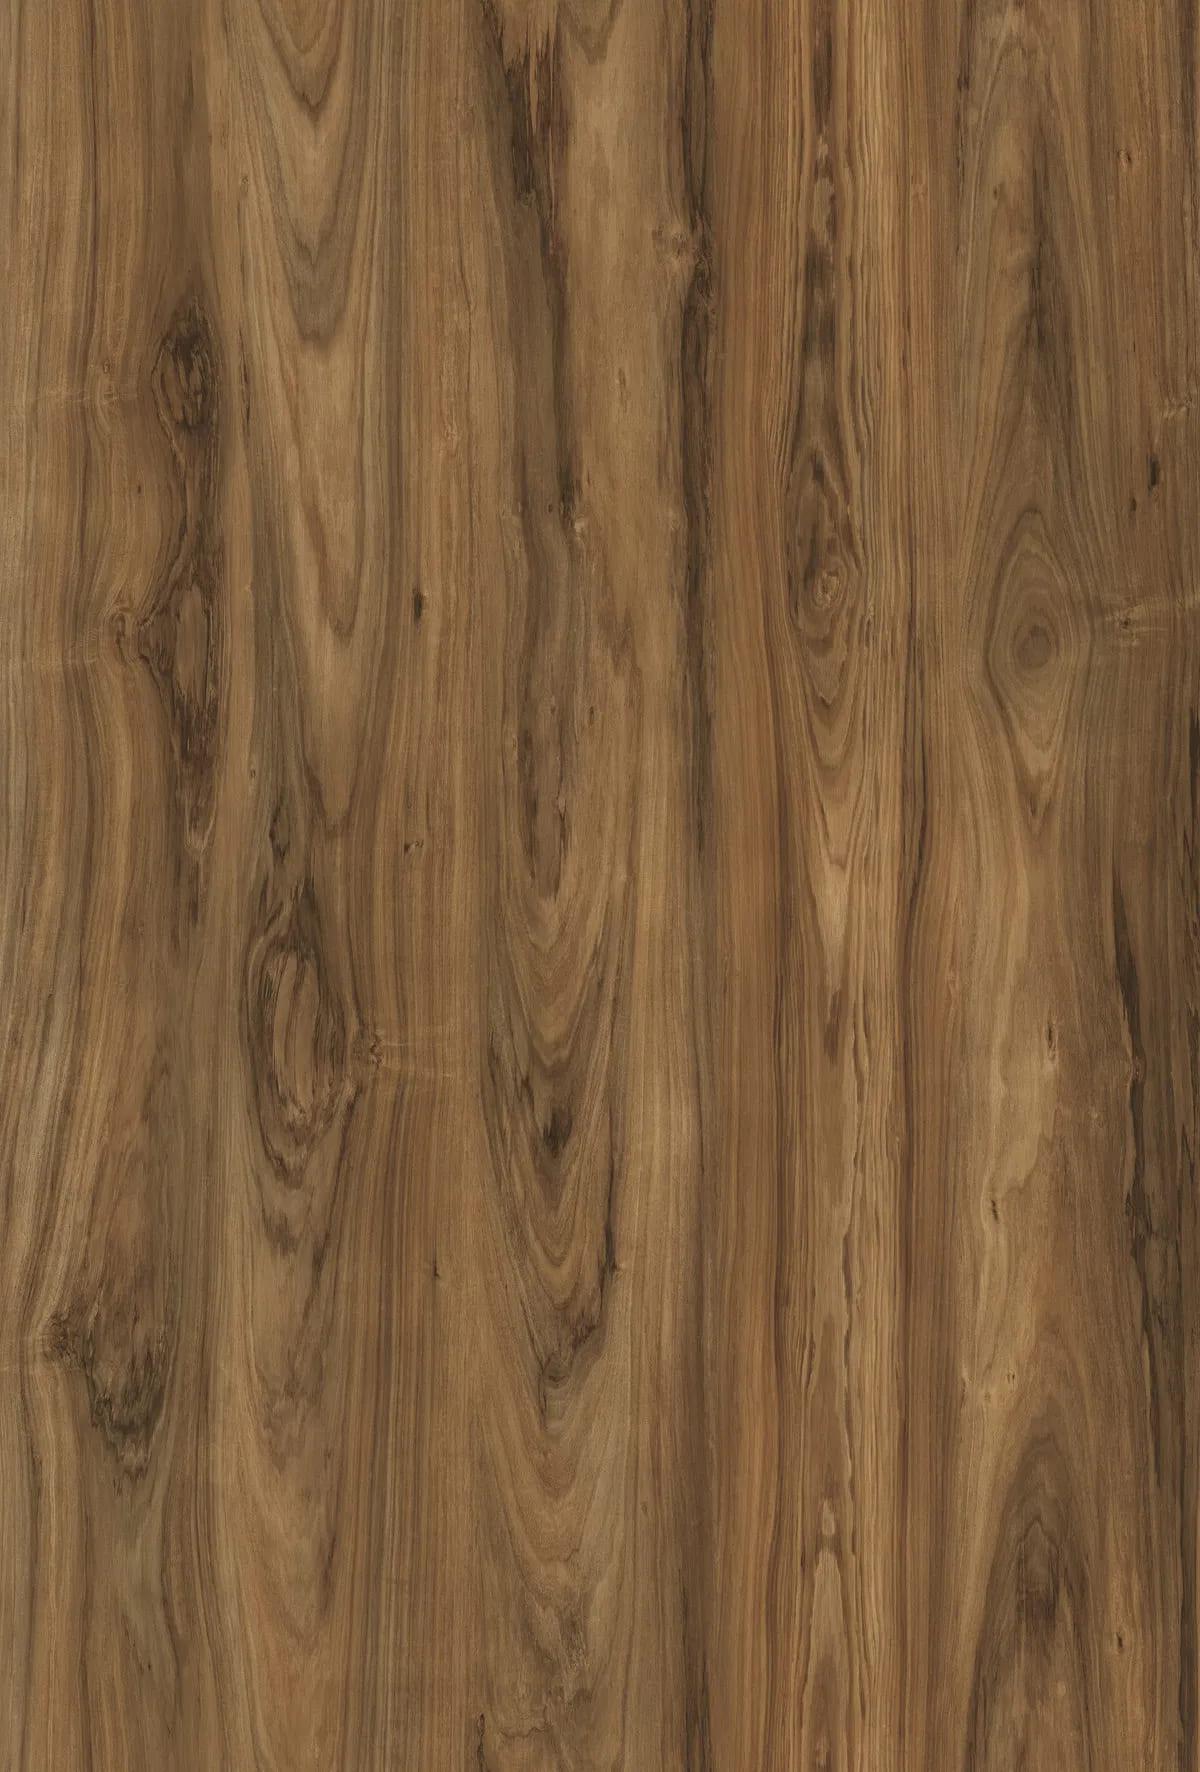 K5754 Blackwood Puebla 1